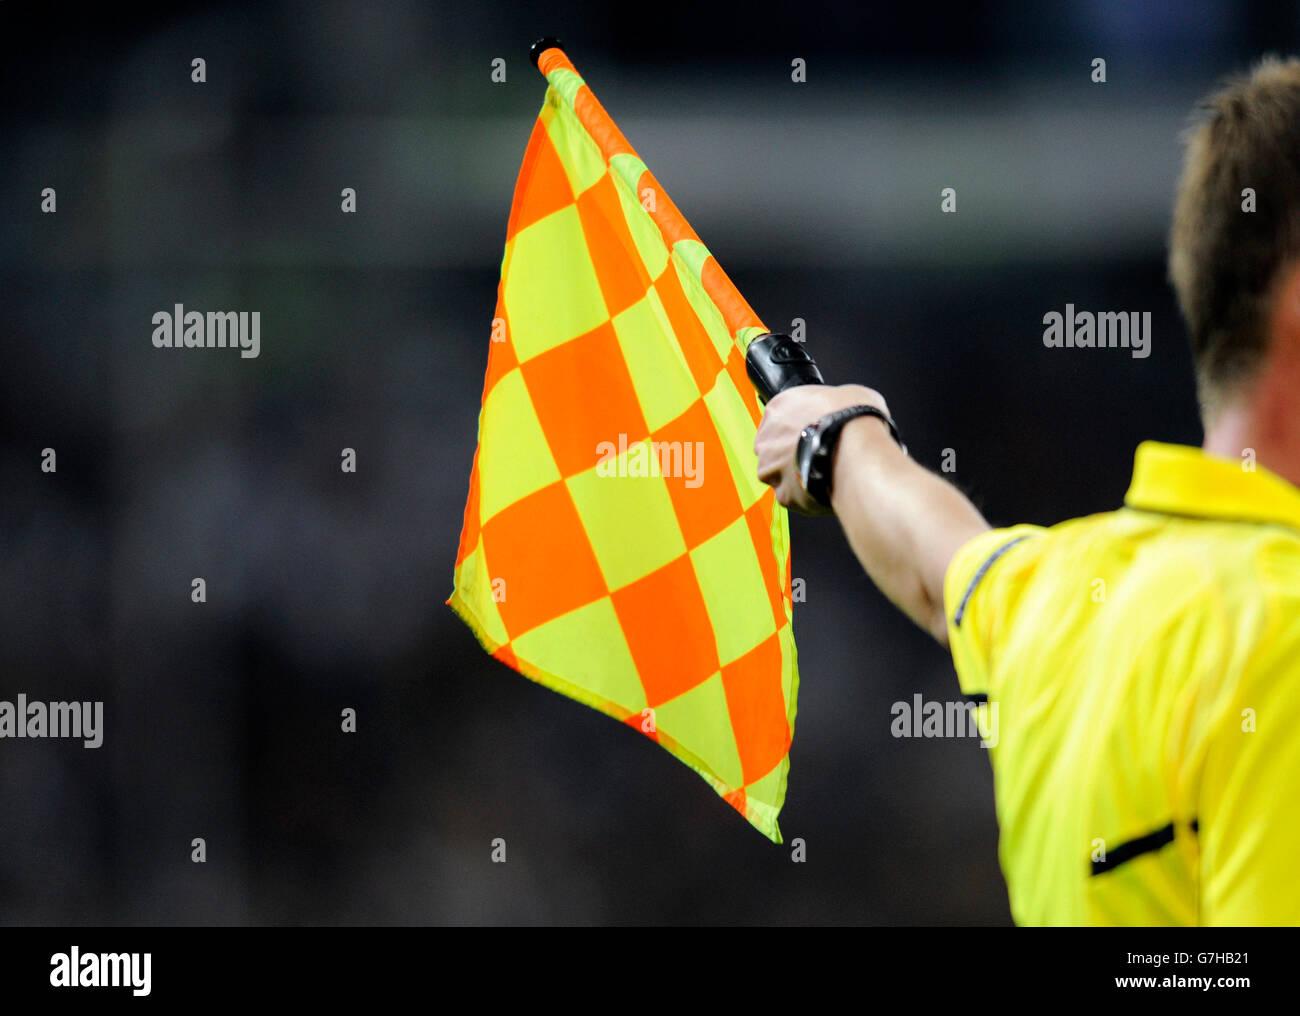 Bandera del árbitro asistente, calificación de fútbol coinciden con el campeonato europeo de la UEFA Imagen De Stock